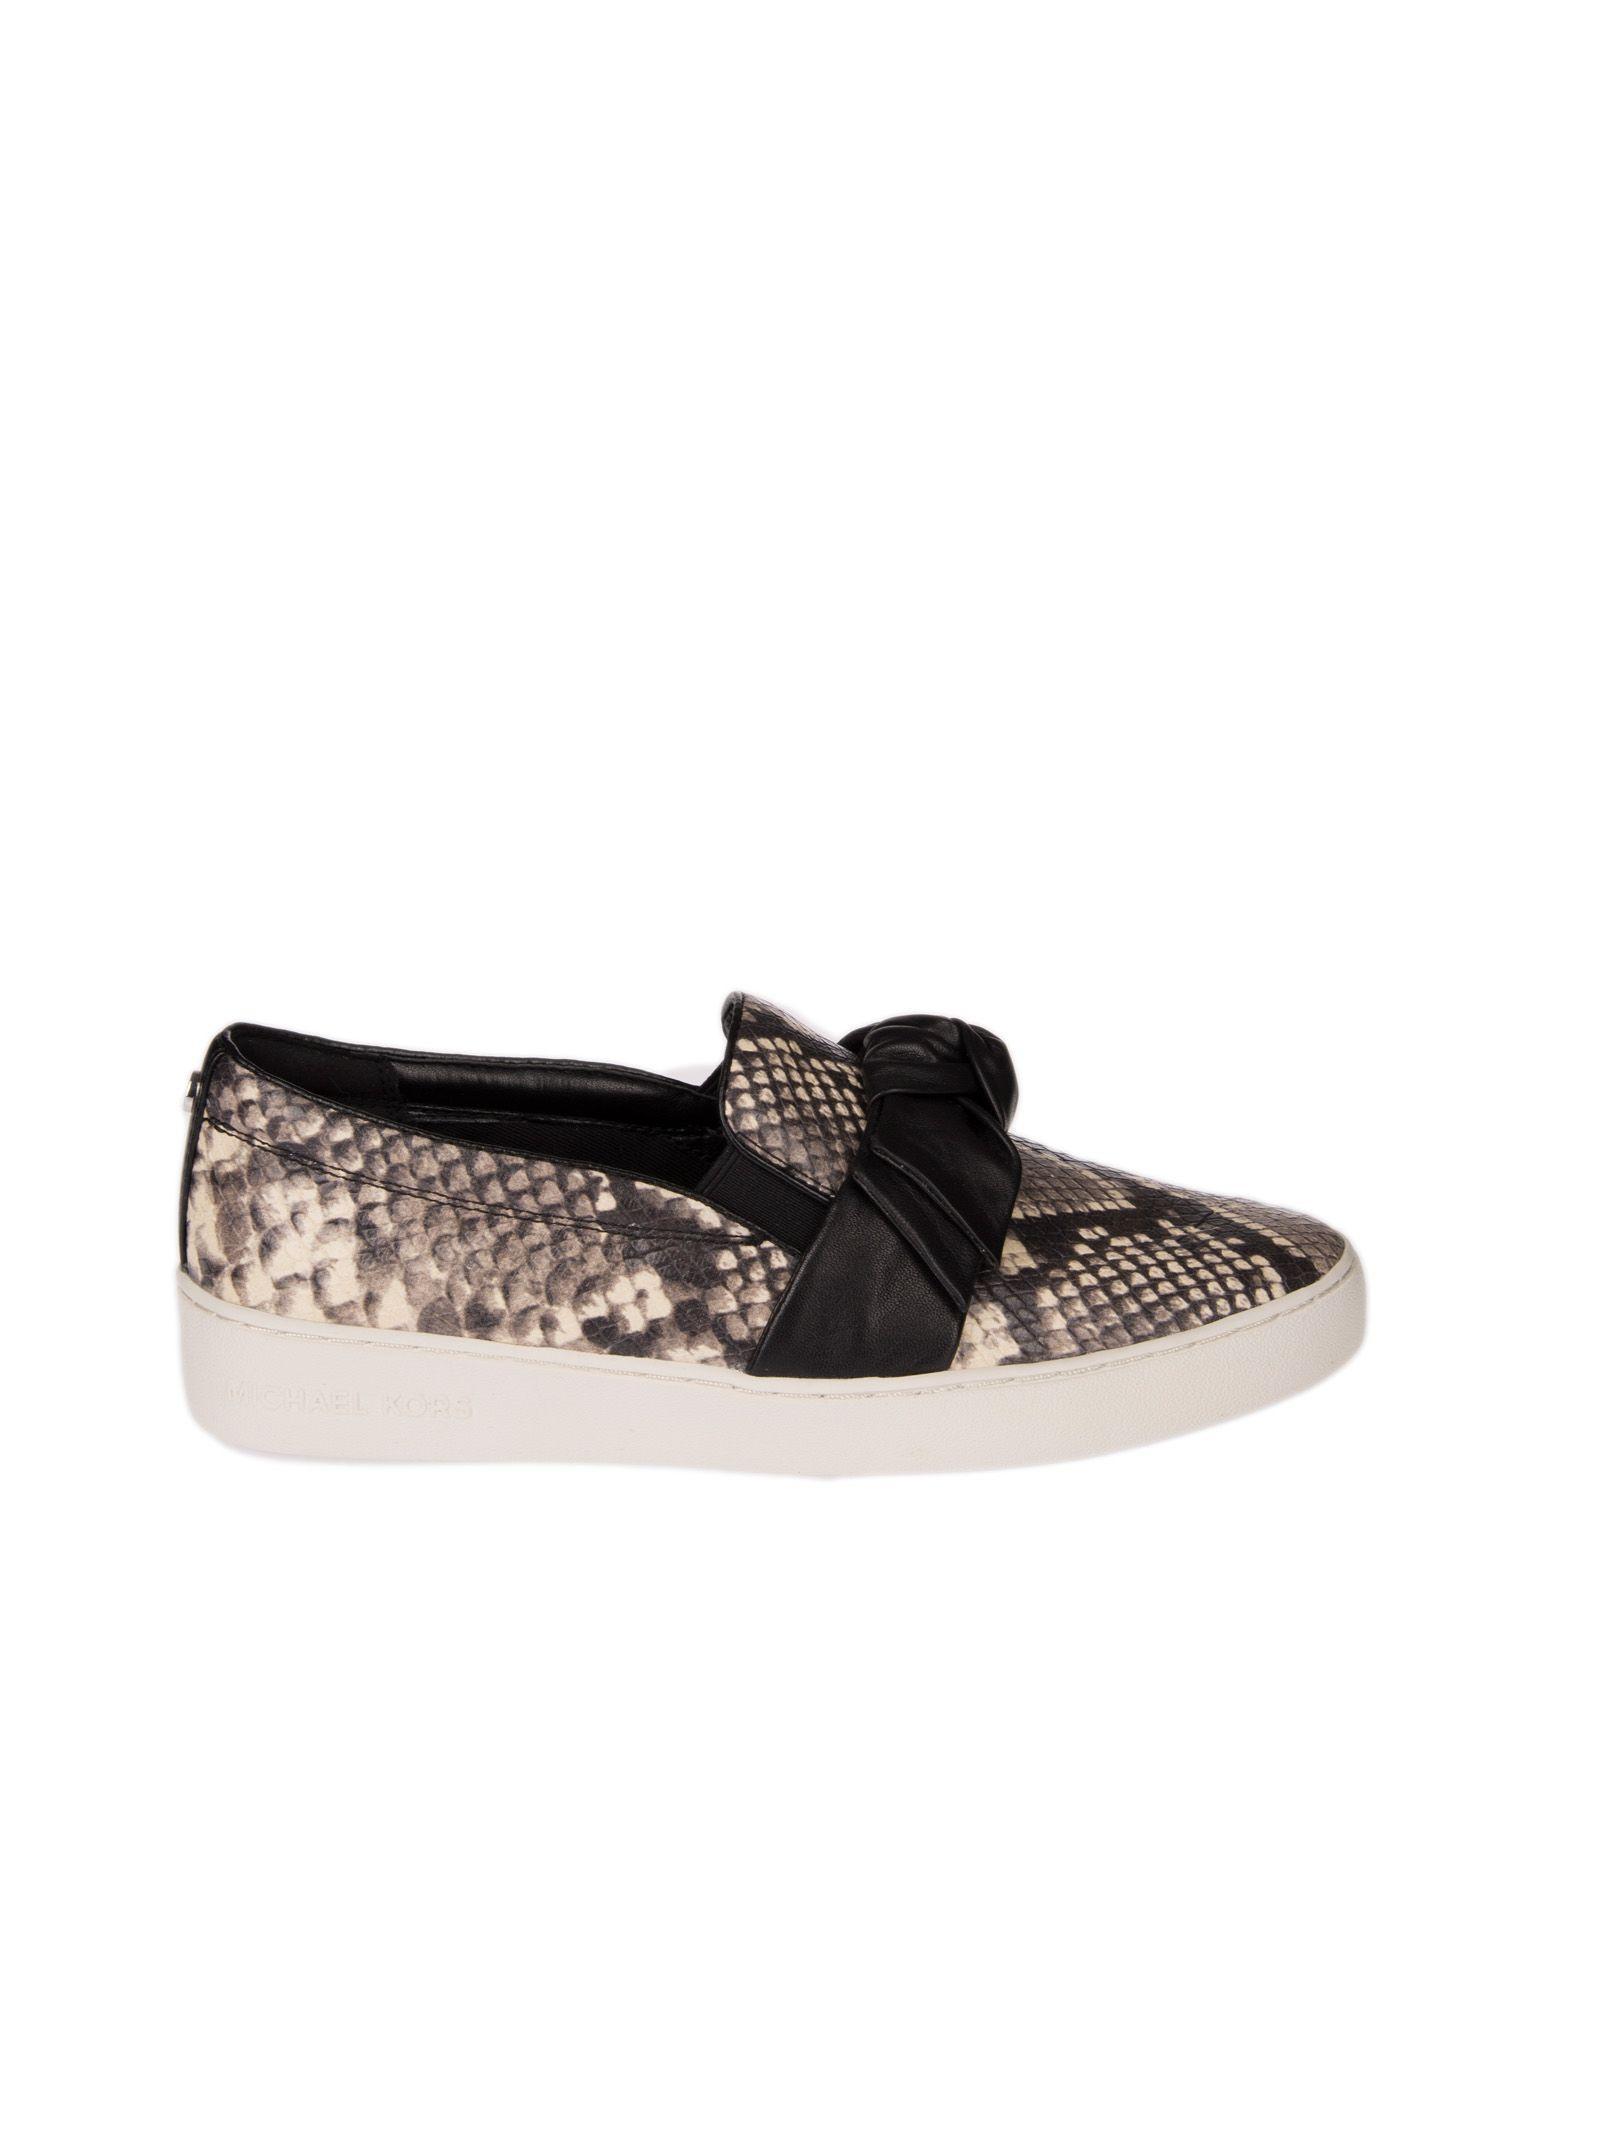 Michael Michael Kors Snakeskin Slip-on Sneakers